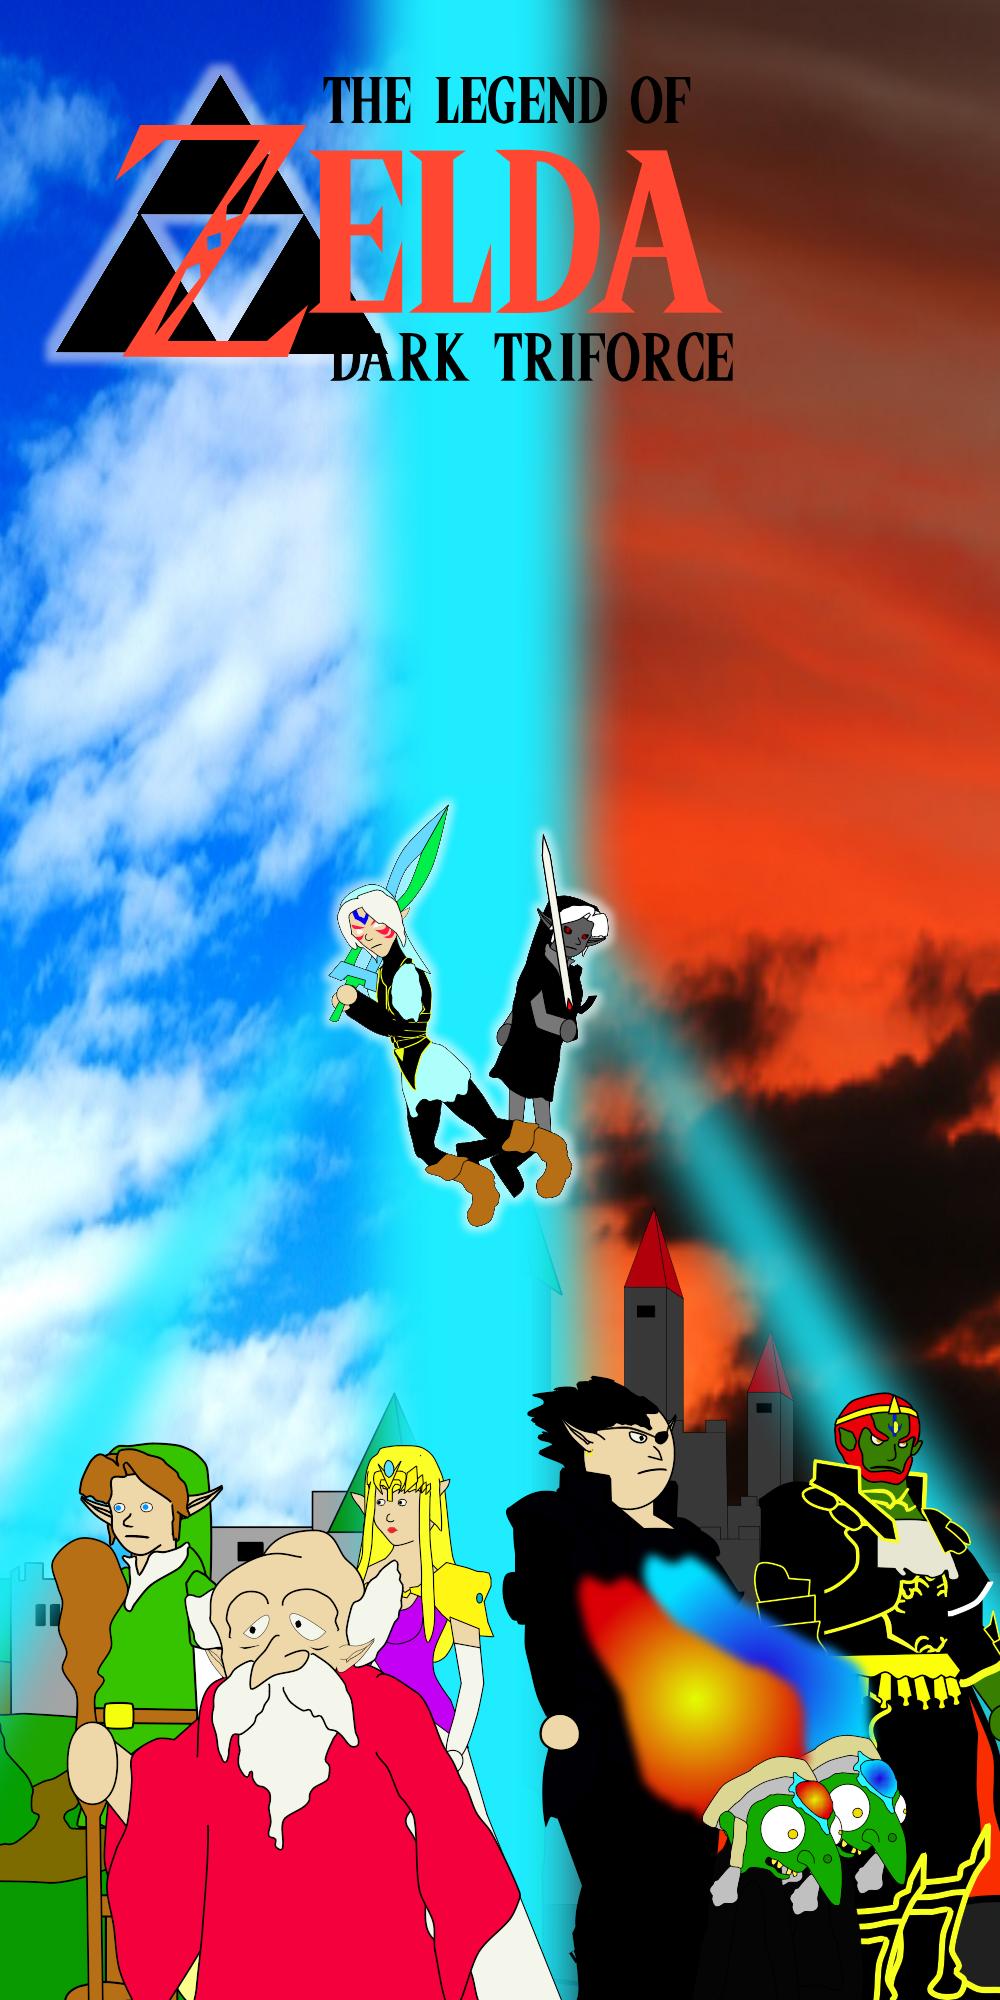 Zelda movie poster